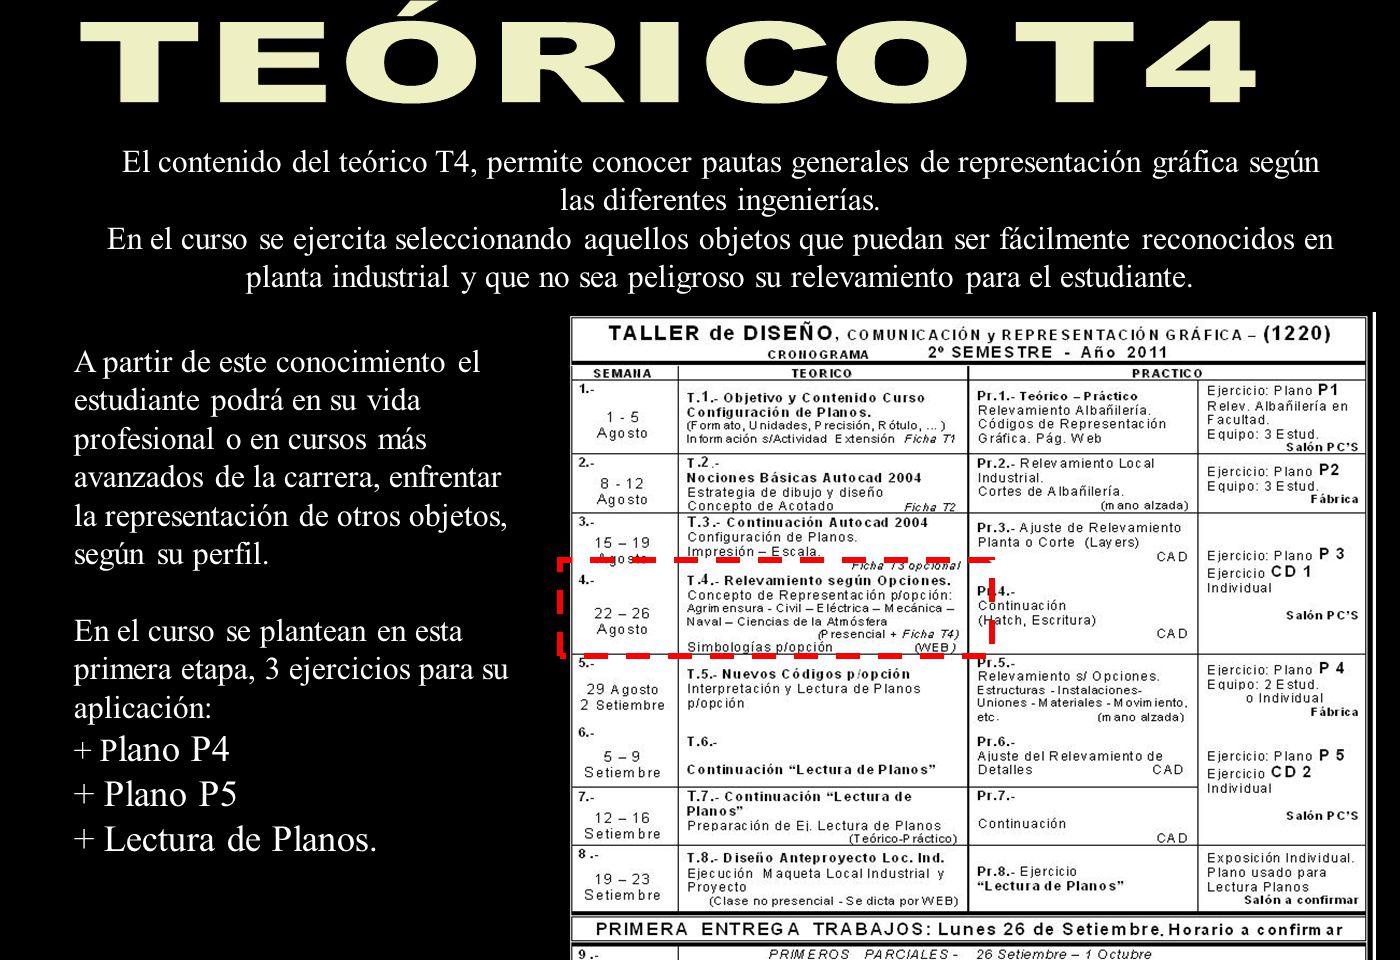 El contenido del teórico T4, permite conocer pautas generales de representación gráfica según las diferentes ingenierías.